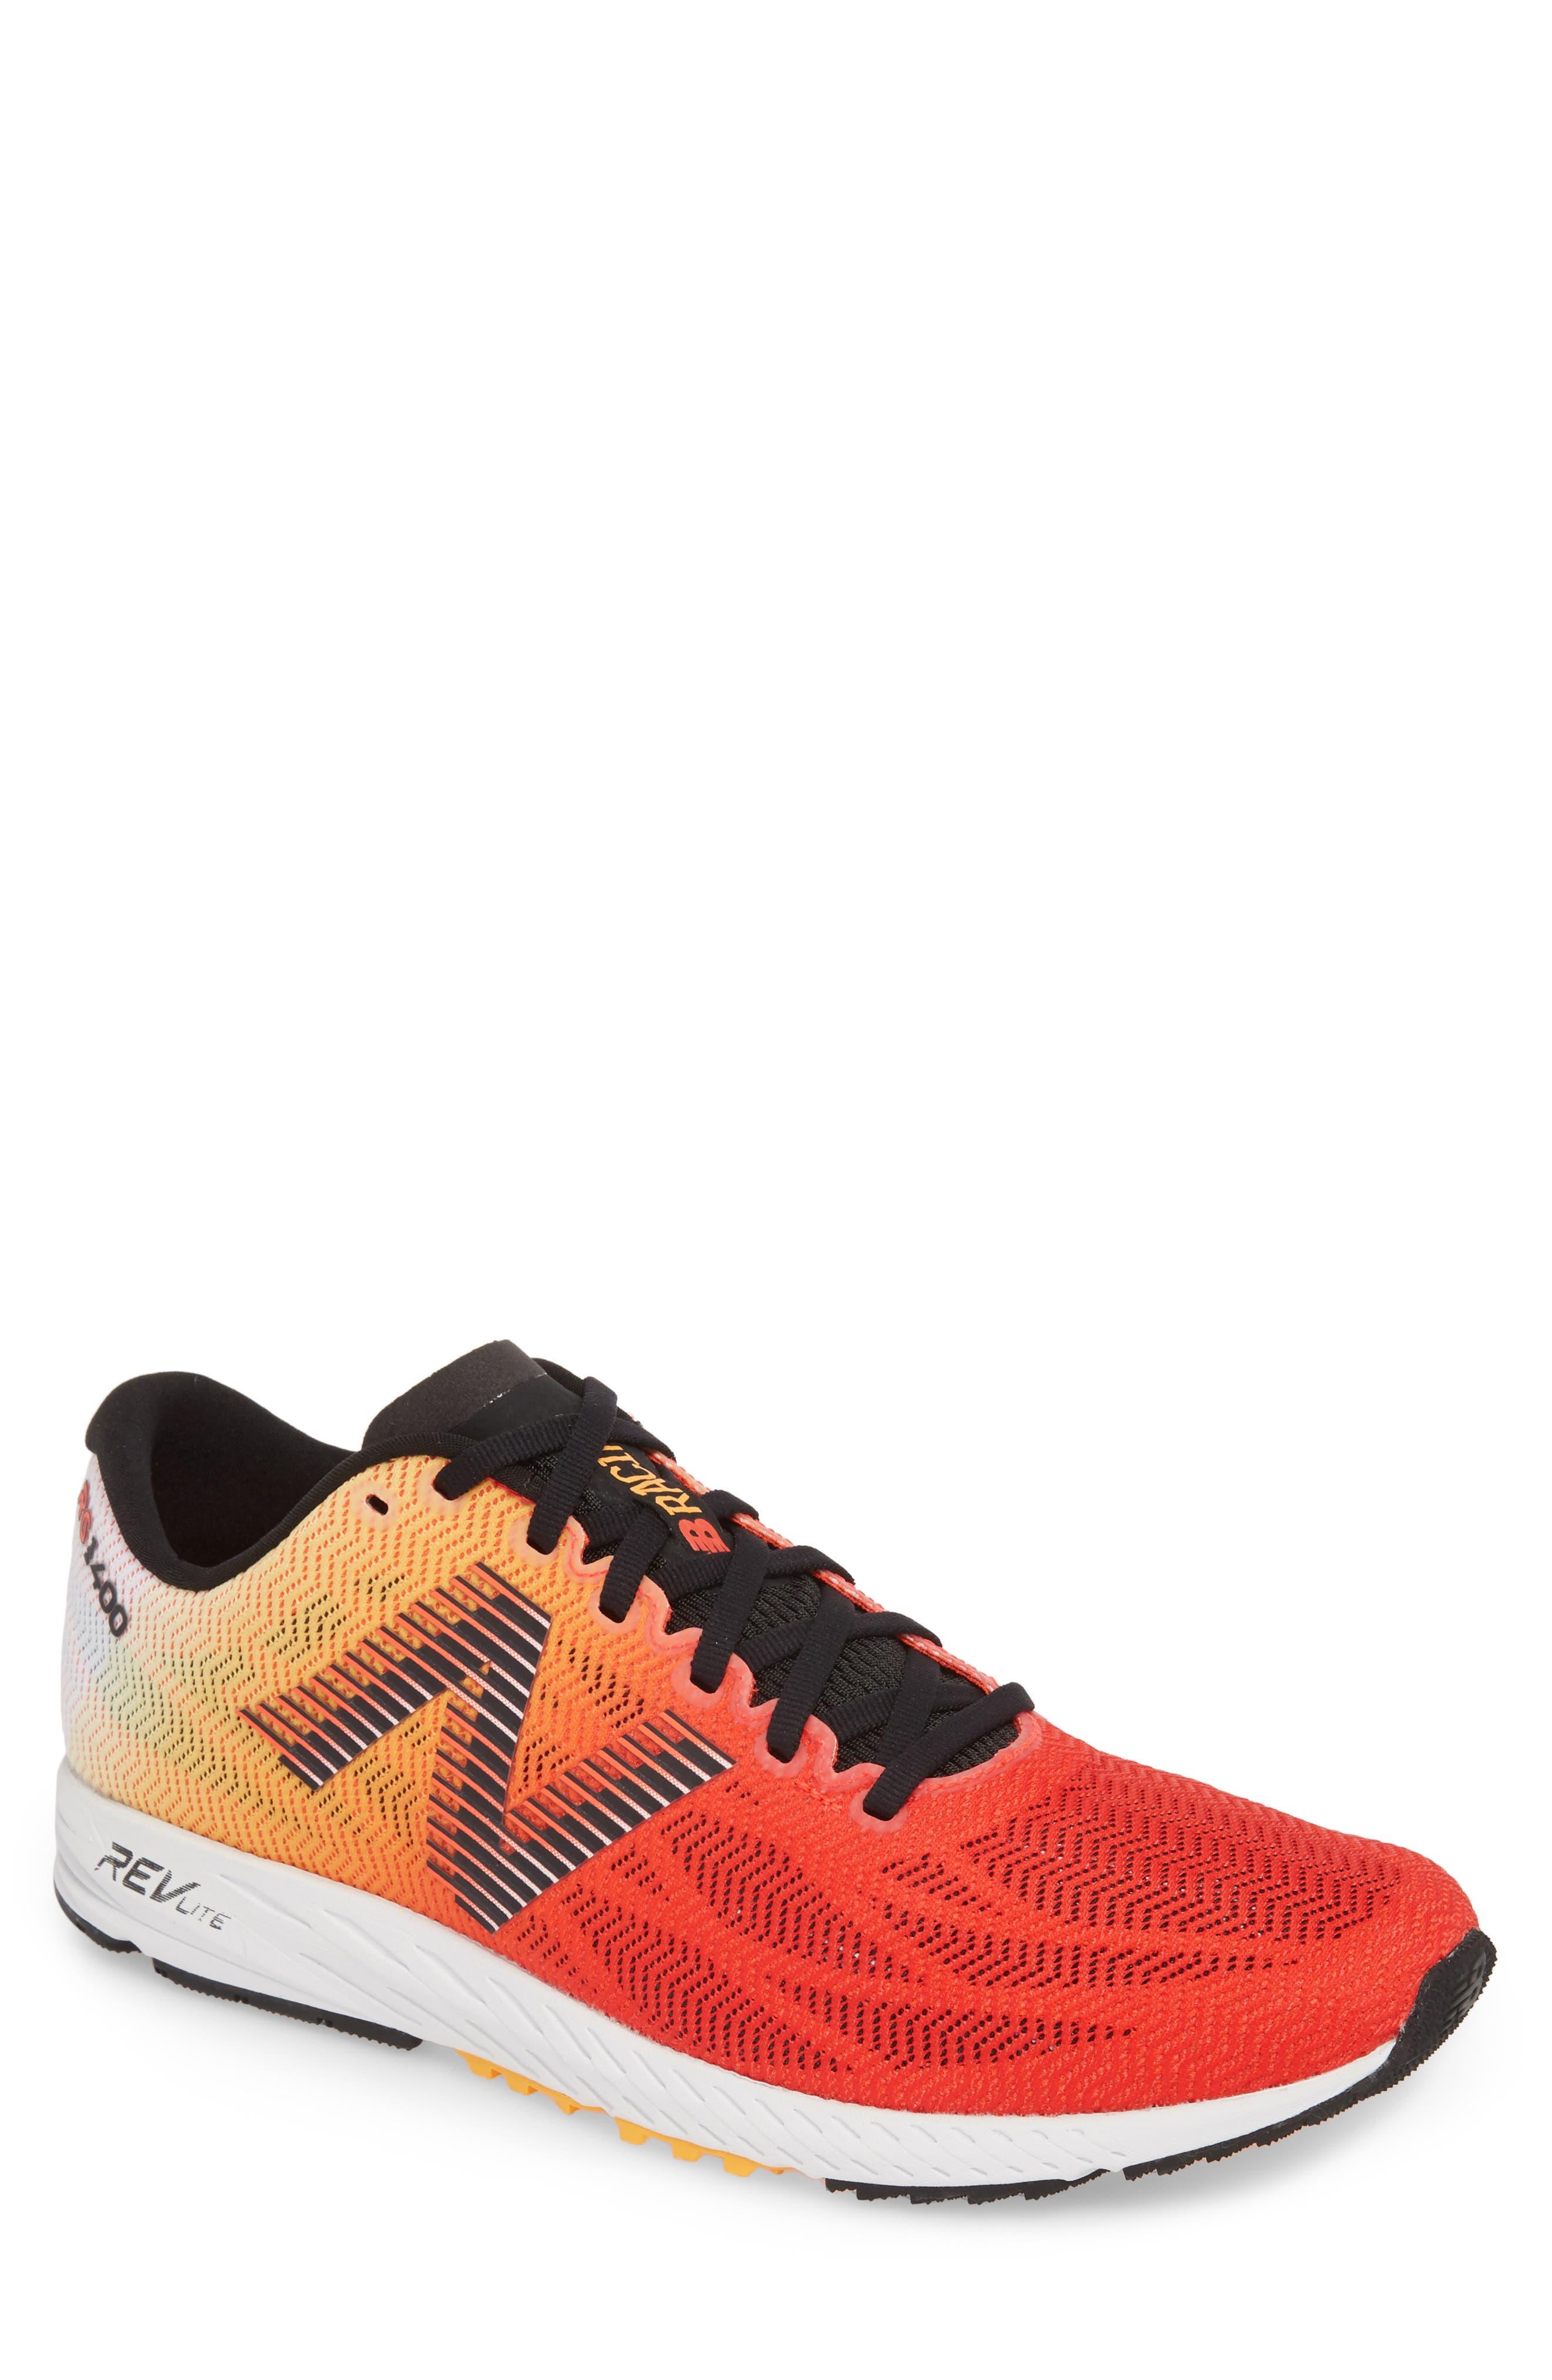 1400v6 Running Shoe,                         Main,                         color, White Munsell